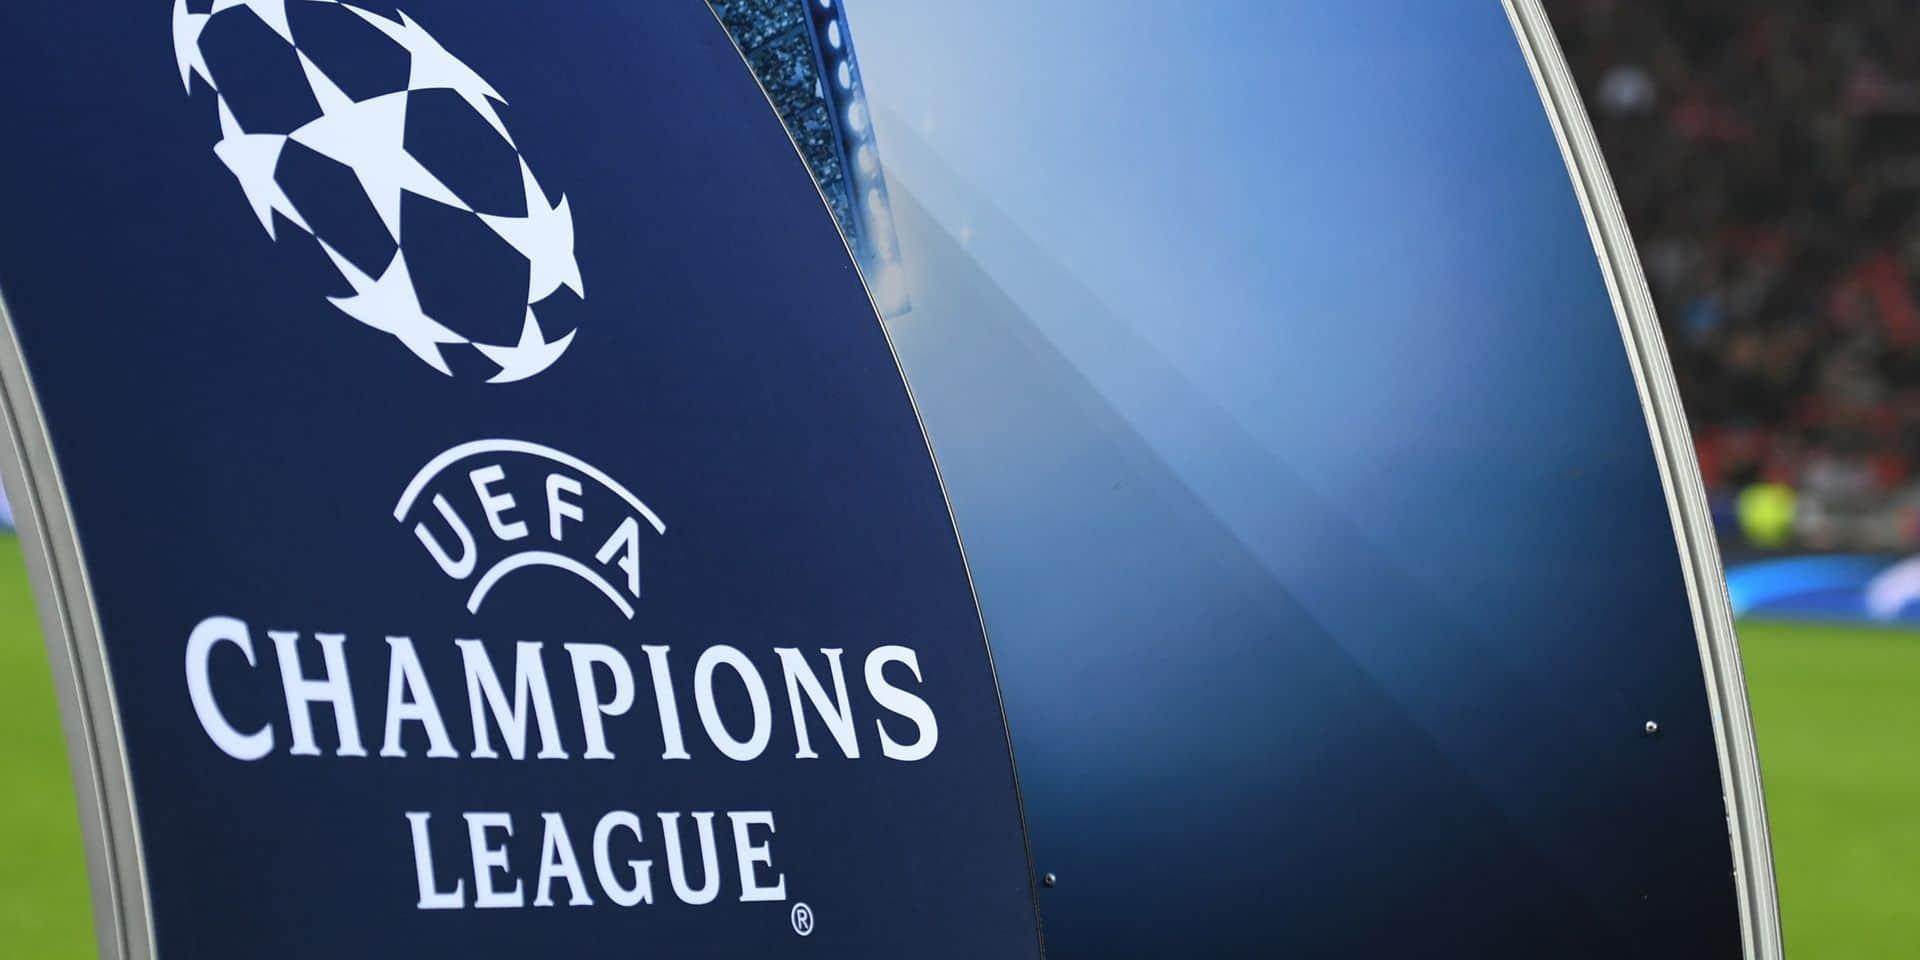 La justice européenne saisie du conflit sur la Super Ligue: elle va déterminer si l'UEFA et la FIFA abusent d'une position dominante